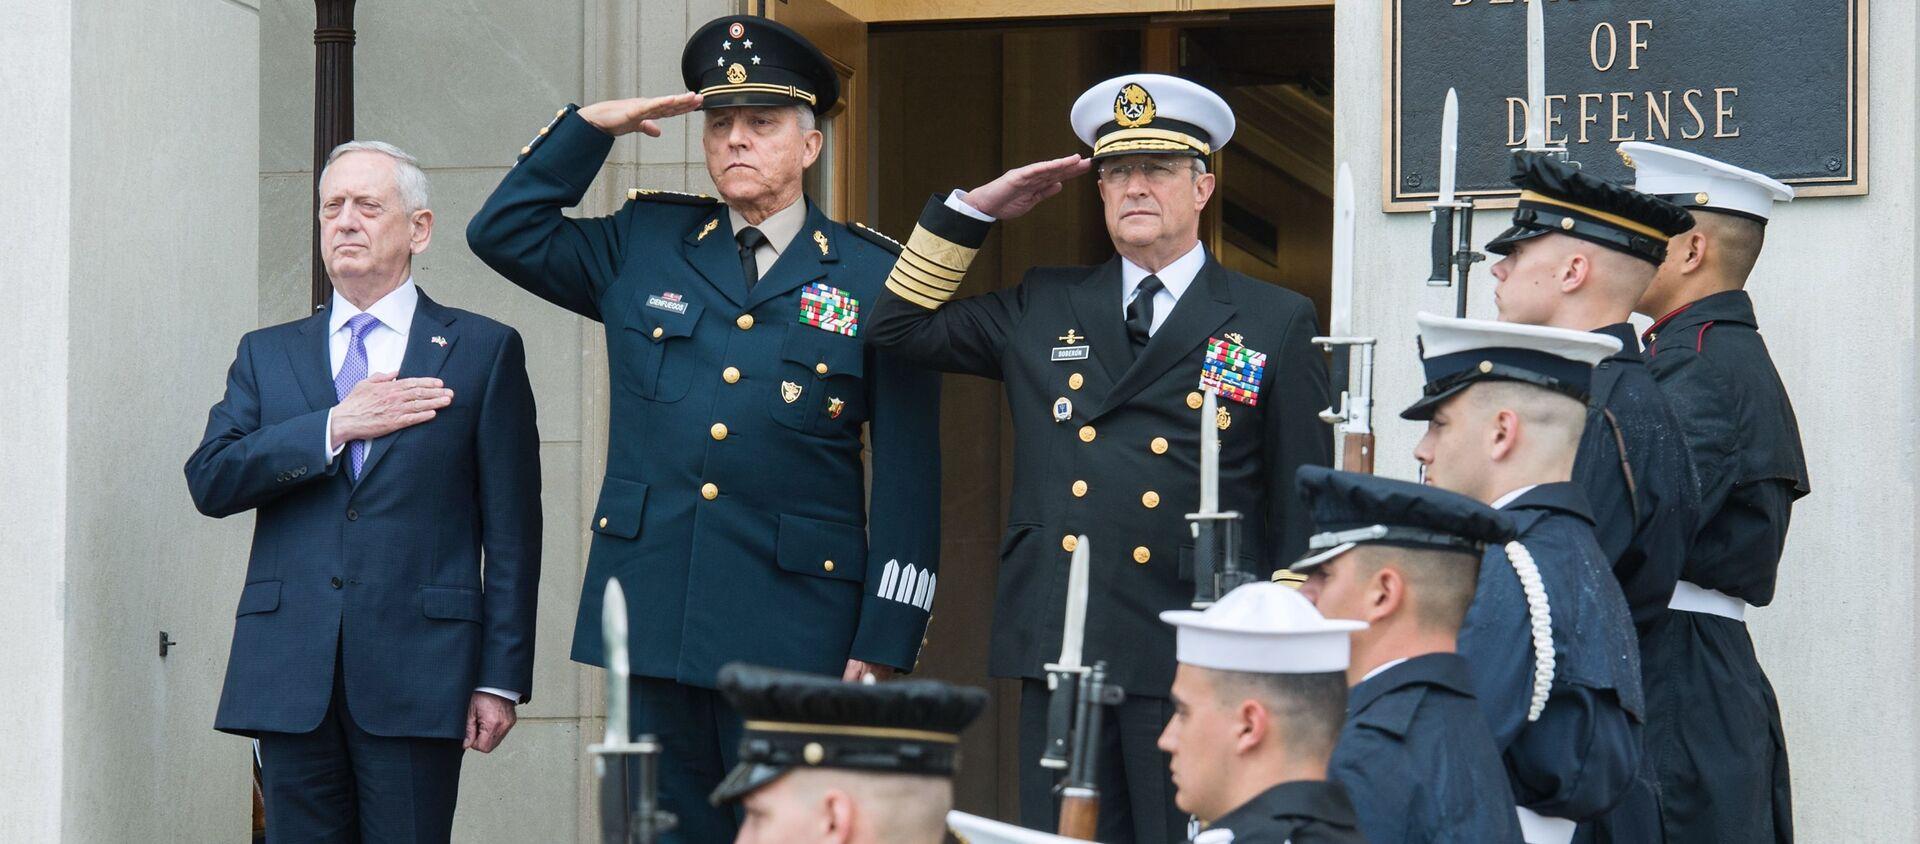 Secretario de Defensa de EEUU, James Mattis, recibe a su homólogo mexicano, Salvador Cienfuegos Zepeda, en Pentágono (2017) - Sputnik Mundo, 1920, 20.01.2021